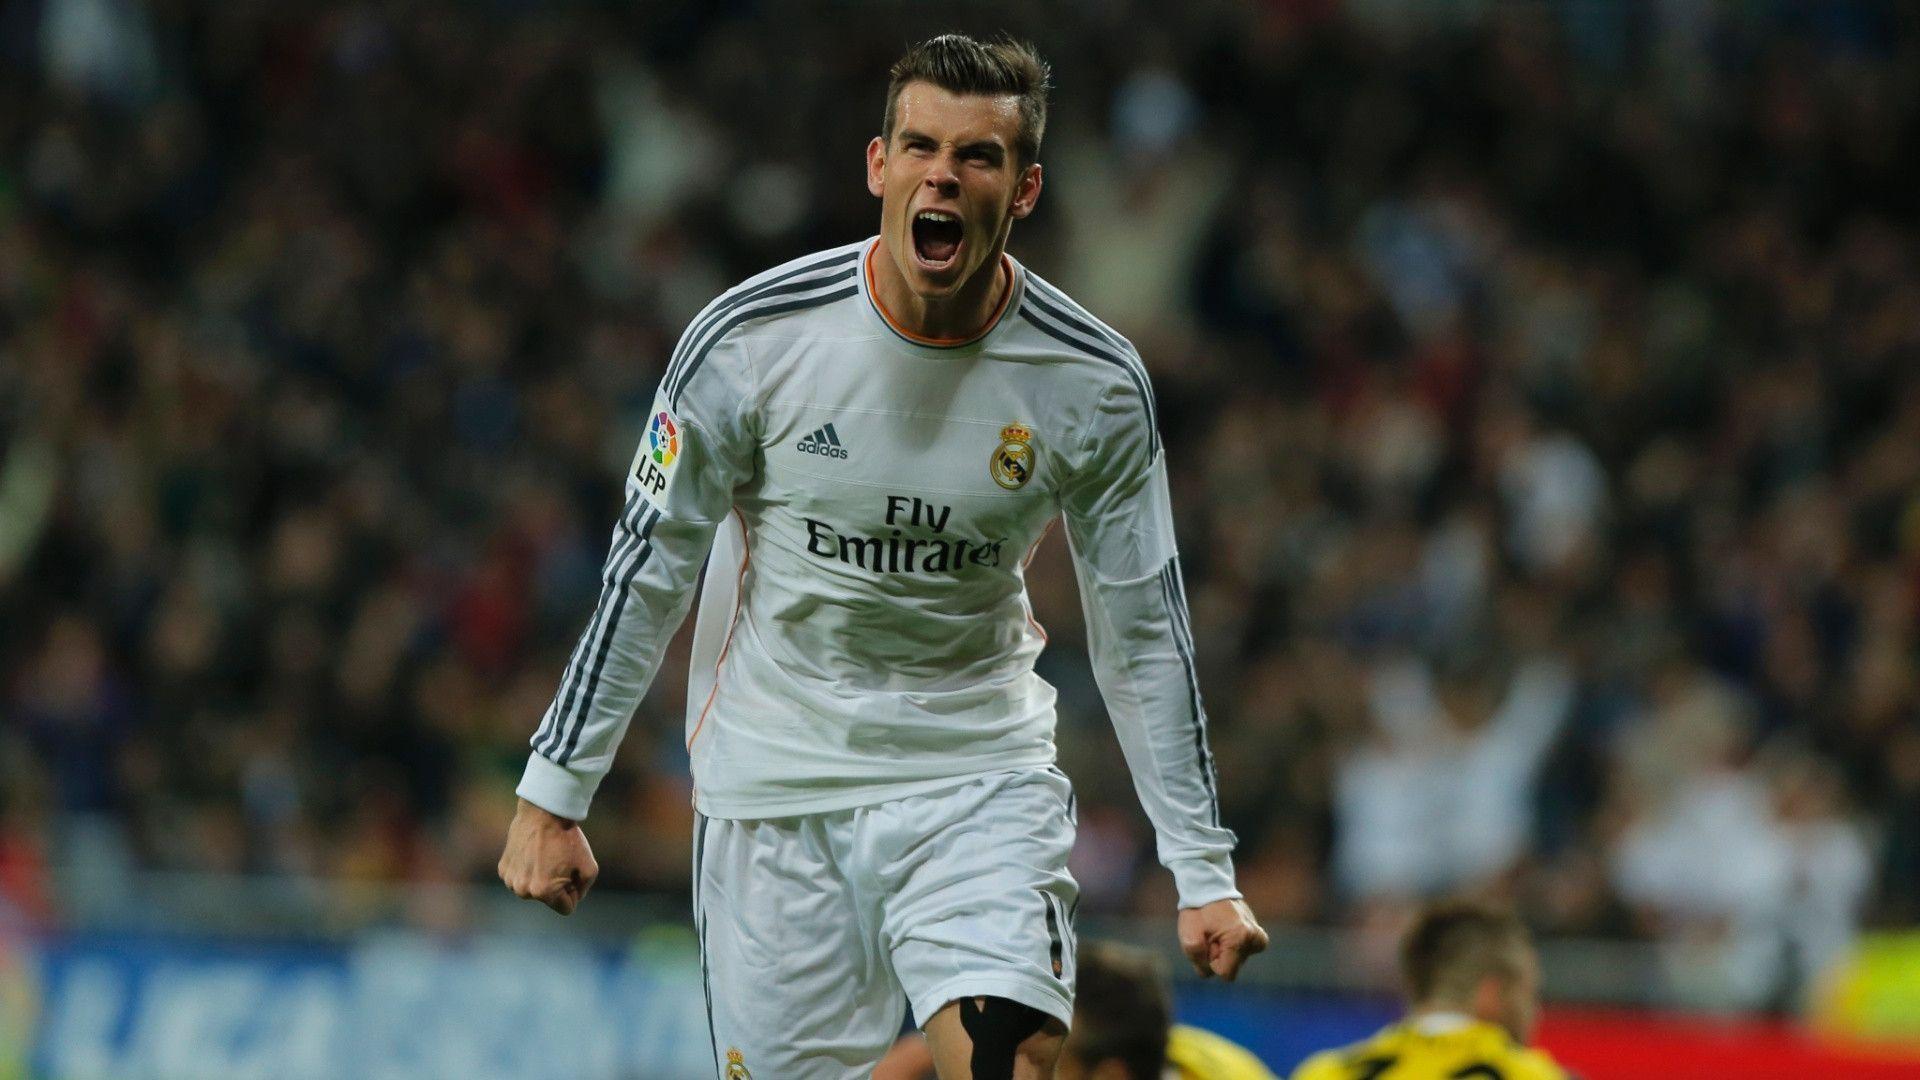 Gareth Bale Wallpaper Real Madrid #2357 Wallpaper | kariswall.com